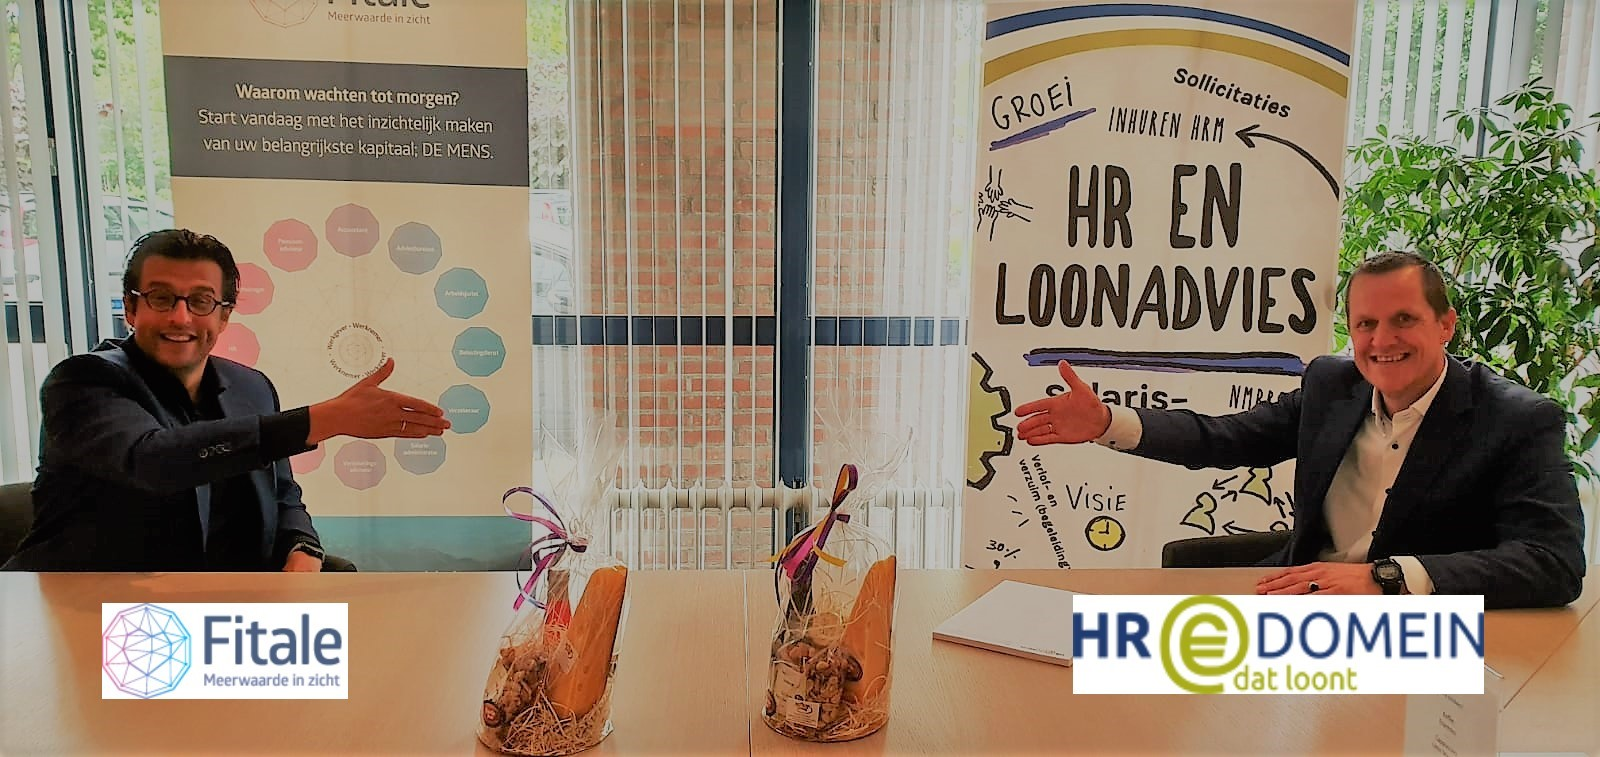 HR Domein - Fitale Adviesscan